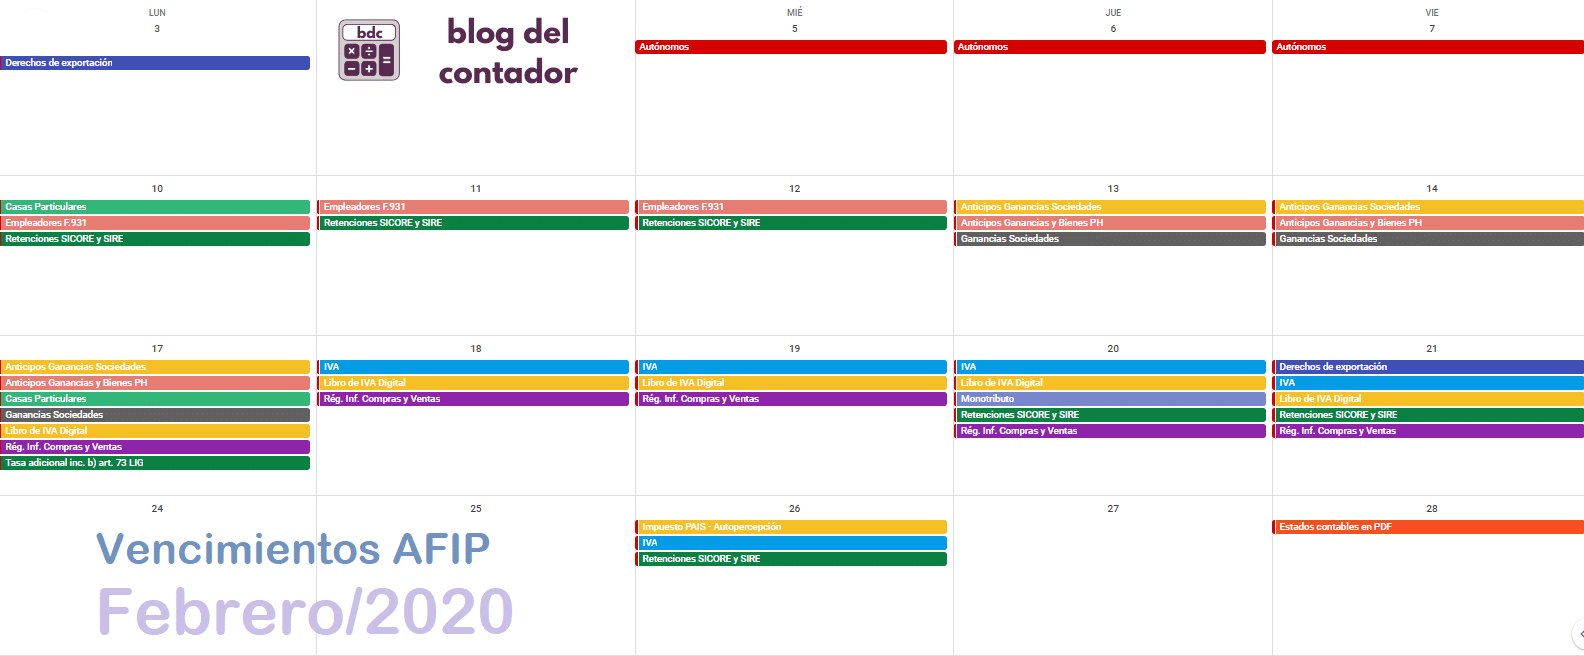 vencimientos afip febrero/2020